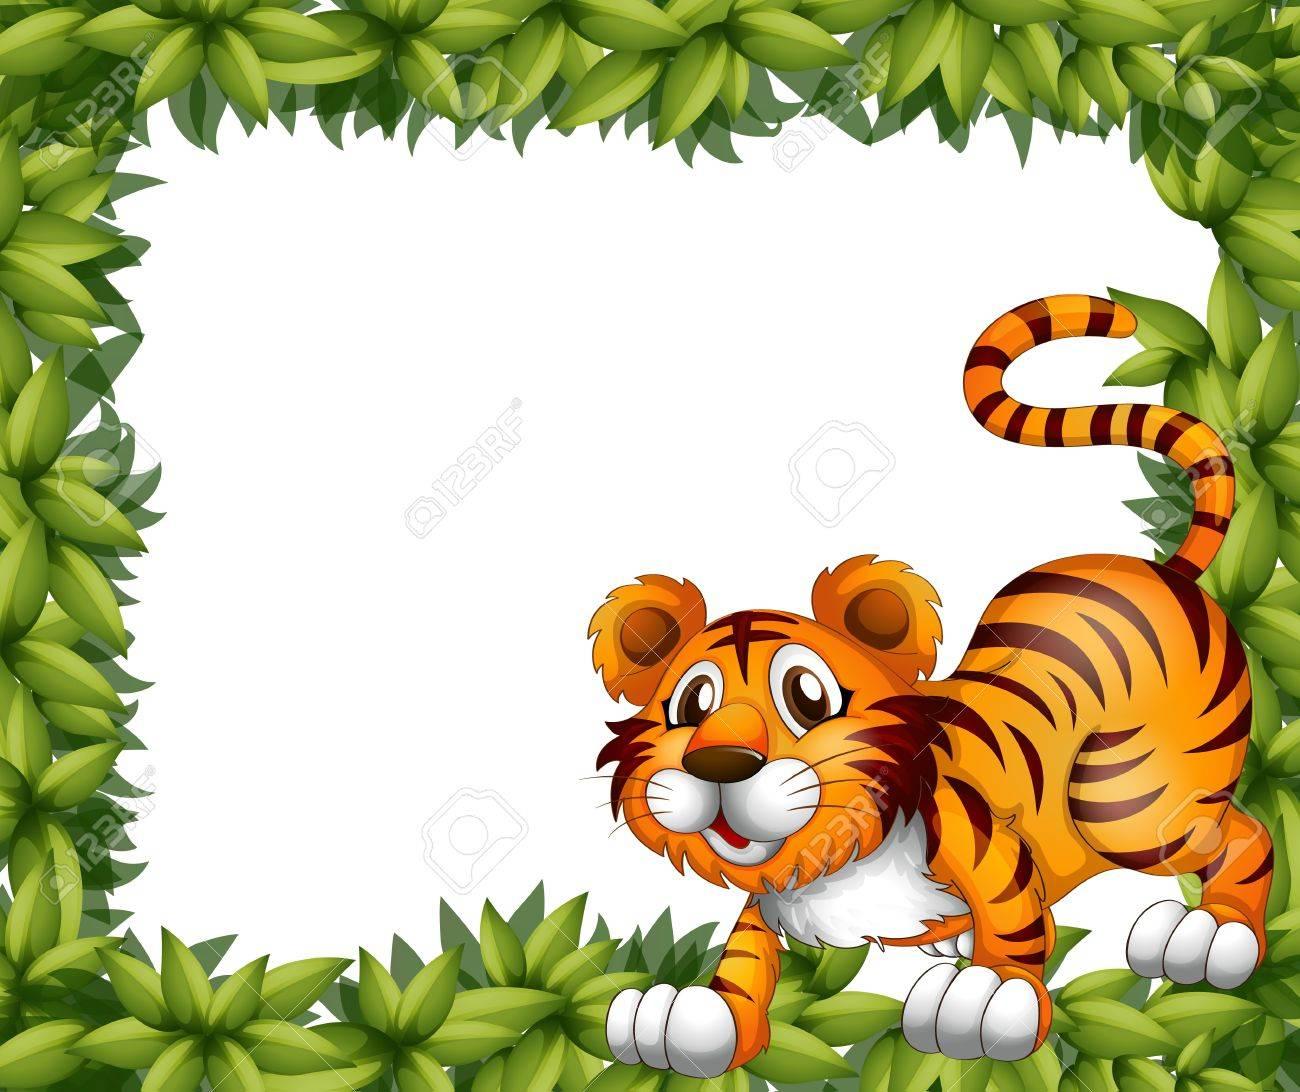 Ilustración De Un Marco Con Un Tigre Ilustraciones Vectoriales, Clip ...